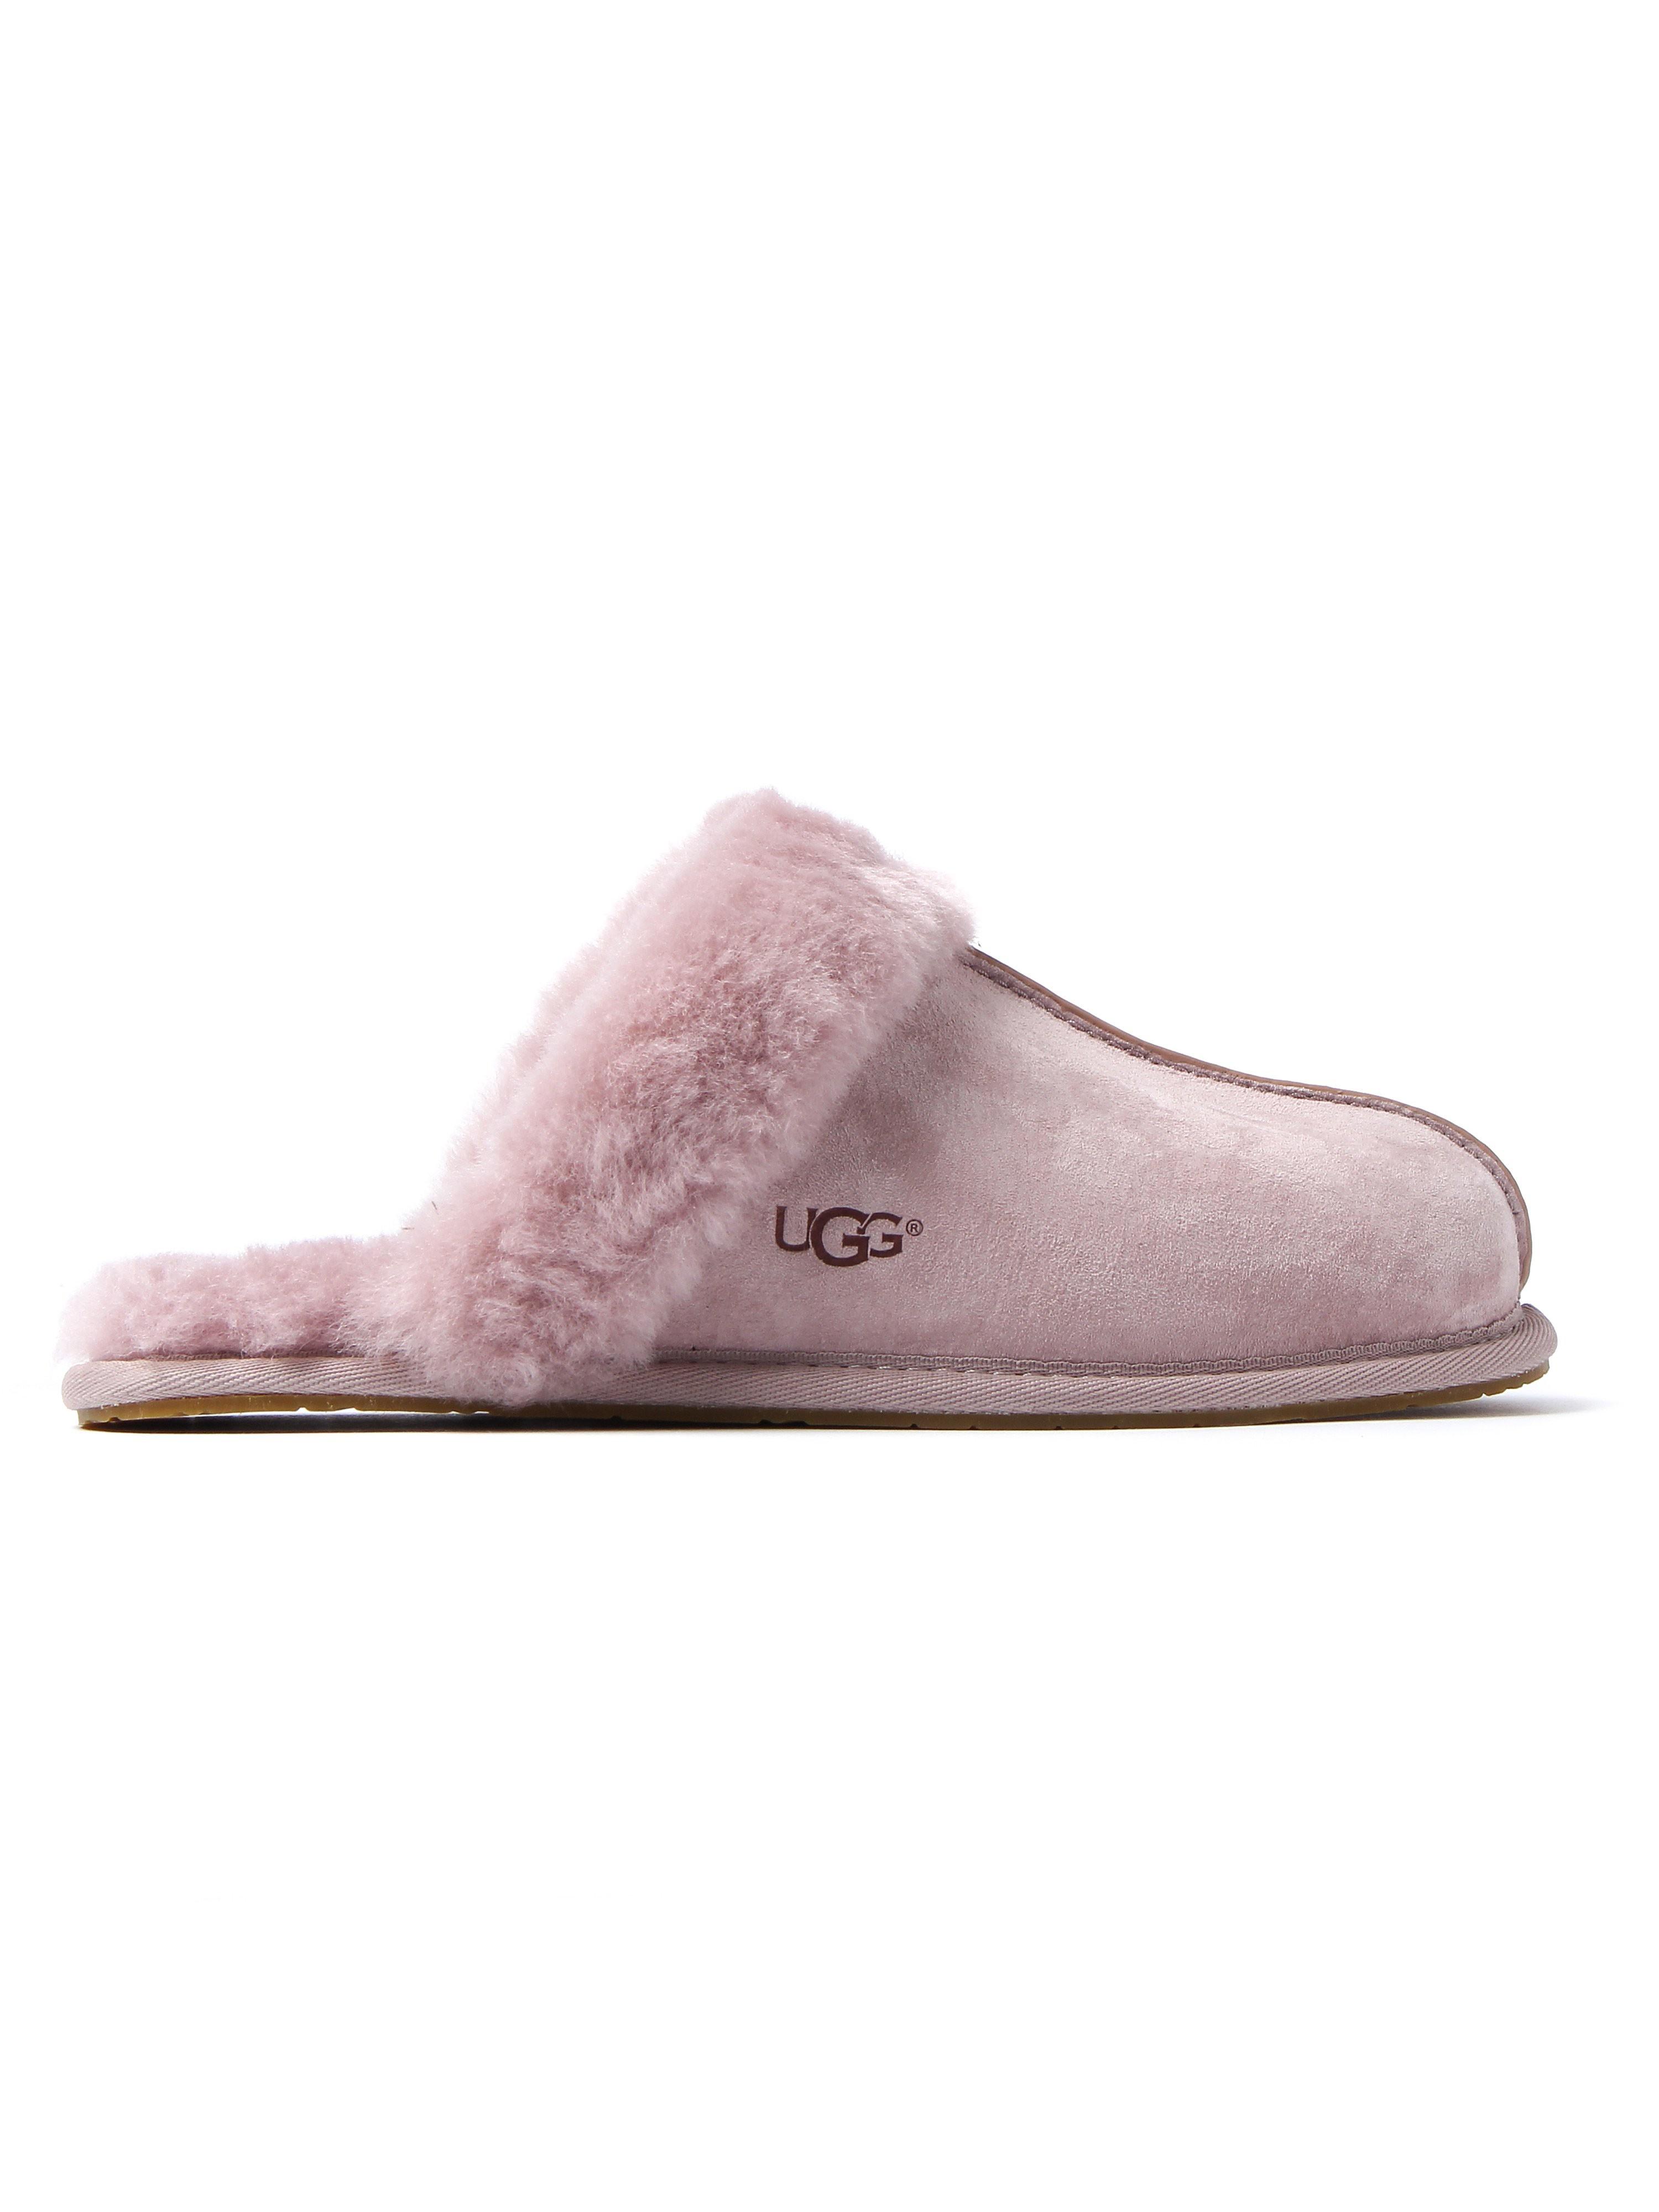 UGG Women's Scuffette II Suede Slippers - Dusk Pink